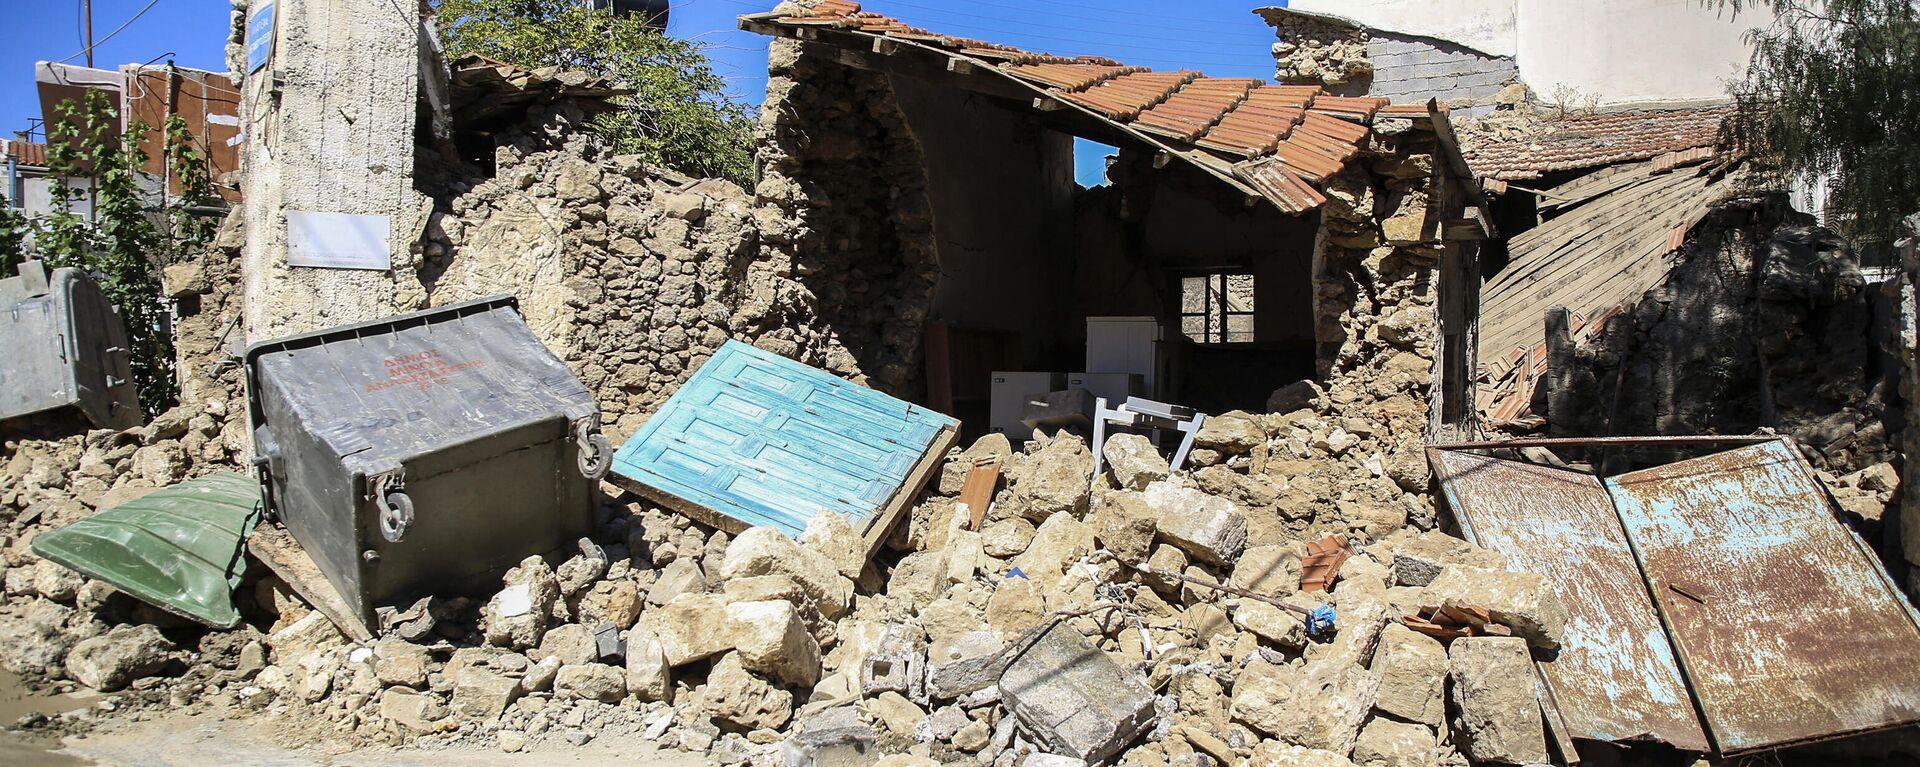 Σεισμός 5,8 Ρίχτερ στην Κρήτη - Sputnik Ελλάδα, 1920, 27.09.2021